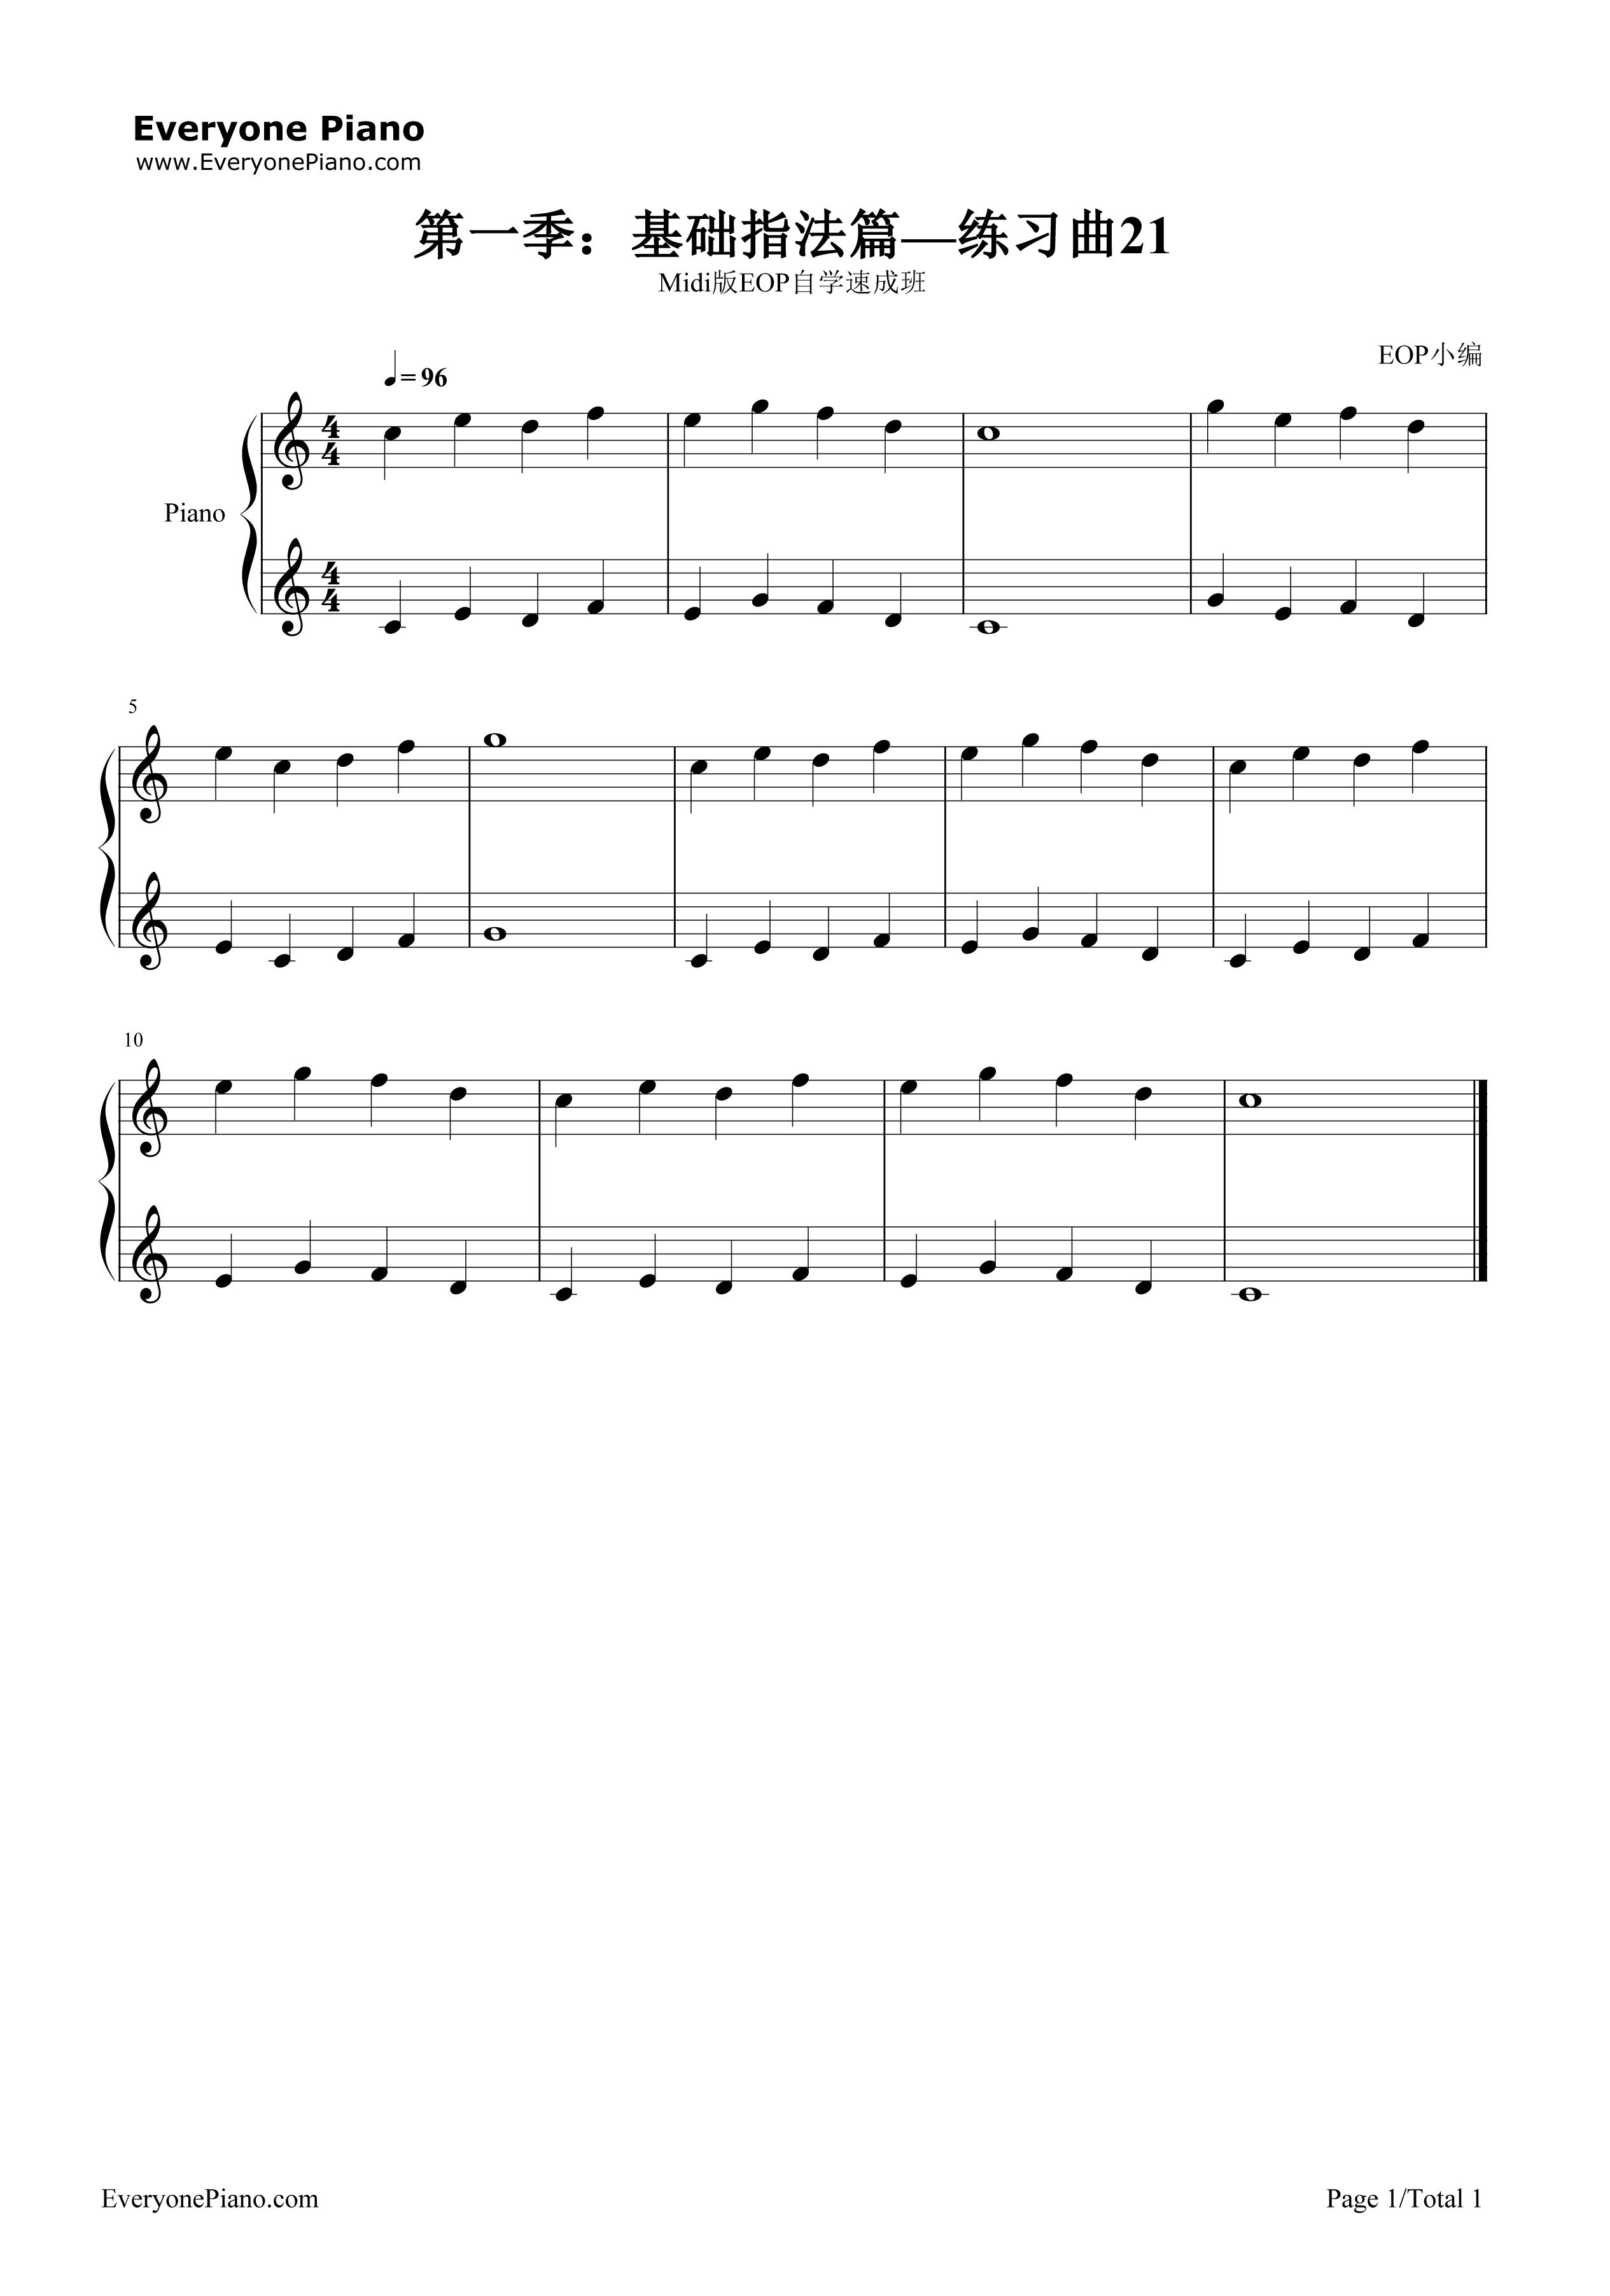 钢琴曲谱 练习曲 练习曲21-midi版eop自学速成班第一季:基础指法篇